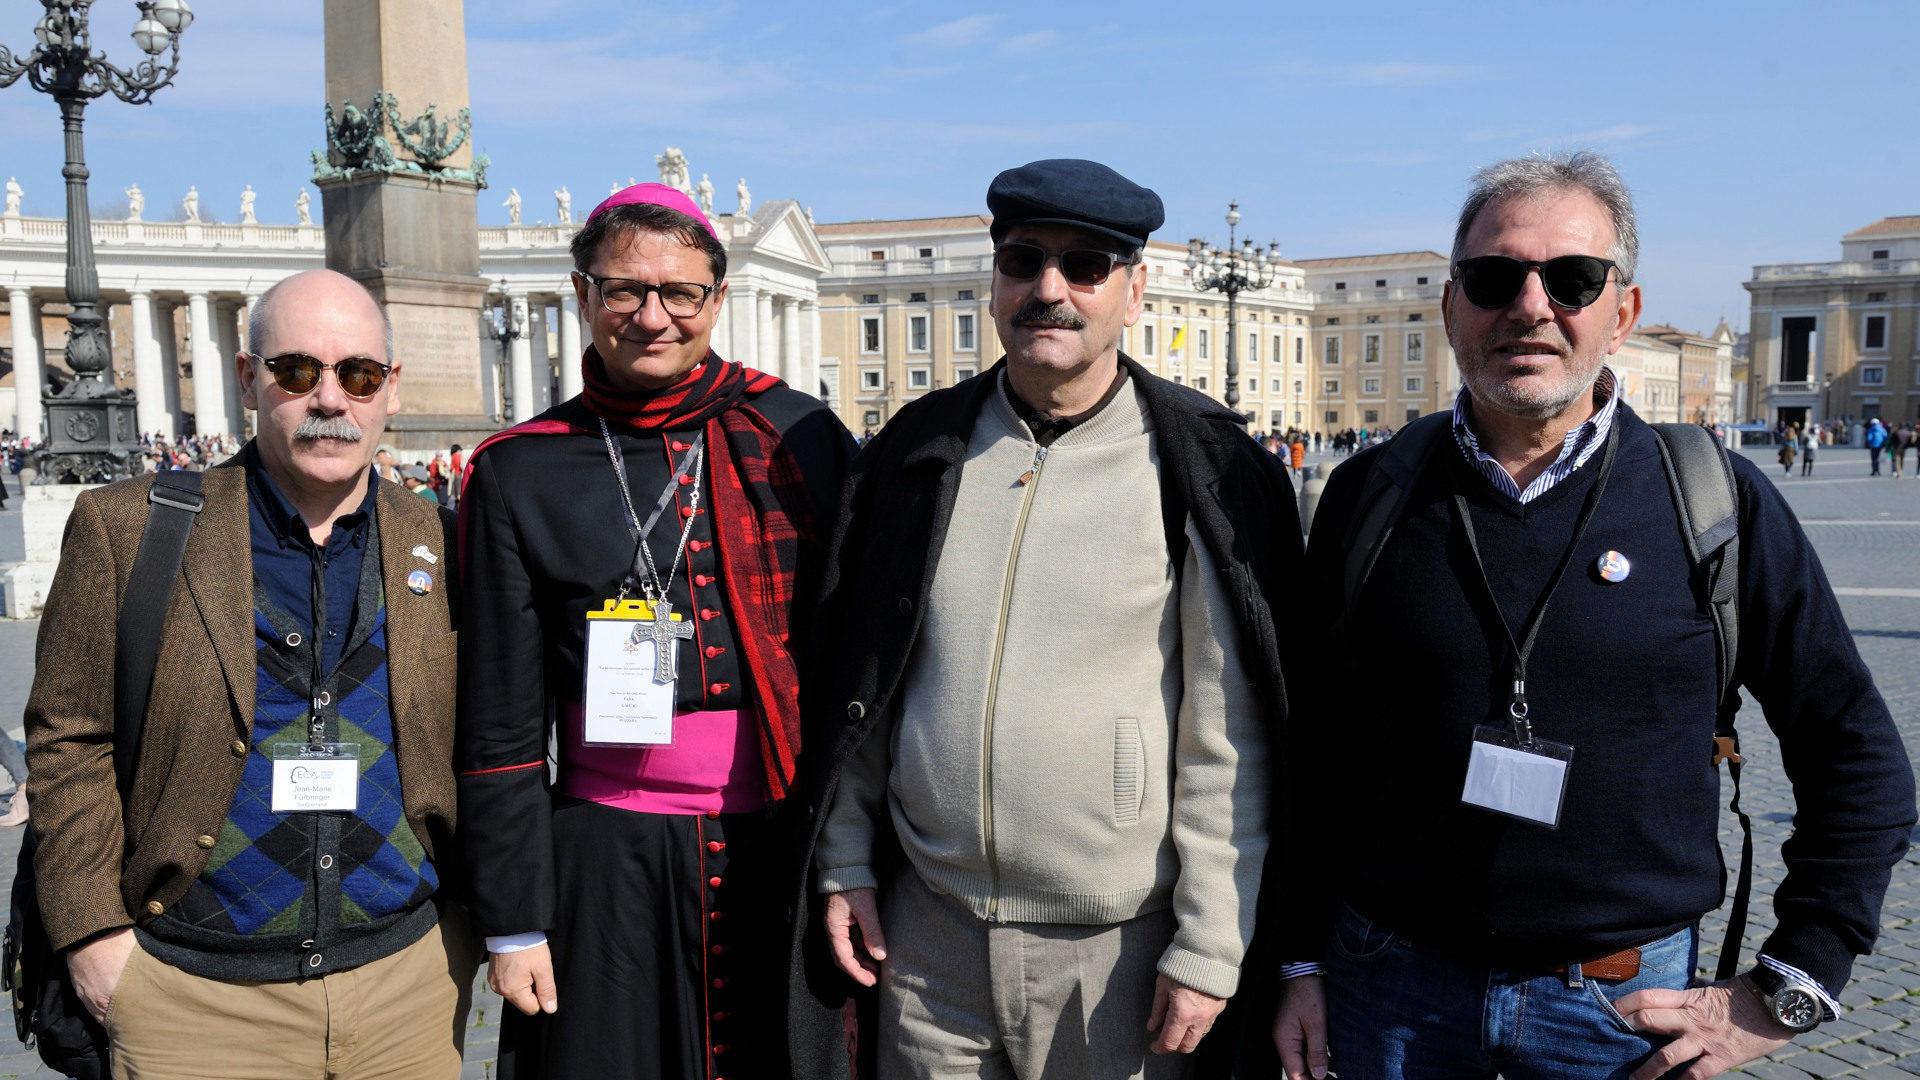 Jean-Marie Fürbringer, Bischof Felix Gmür, Jacques Nuoffer und Valerio Maj am Anti-Missbrauchsgipfel | © Katarzyna Artymiak